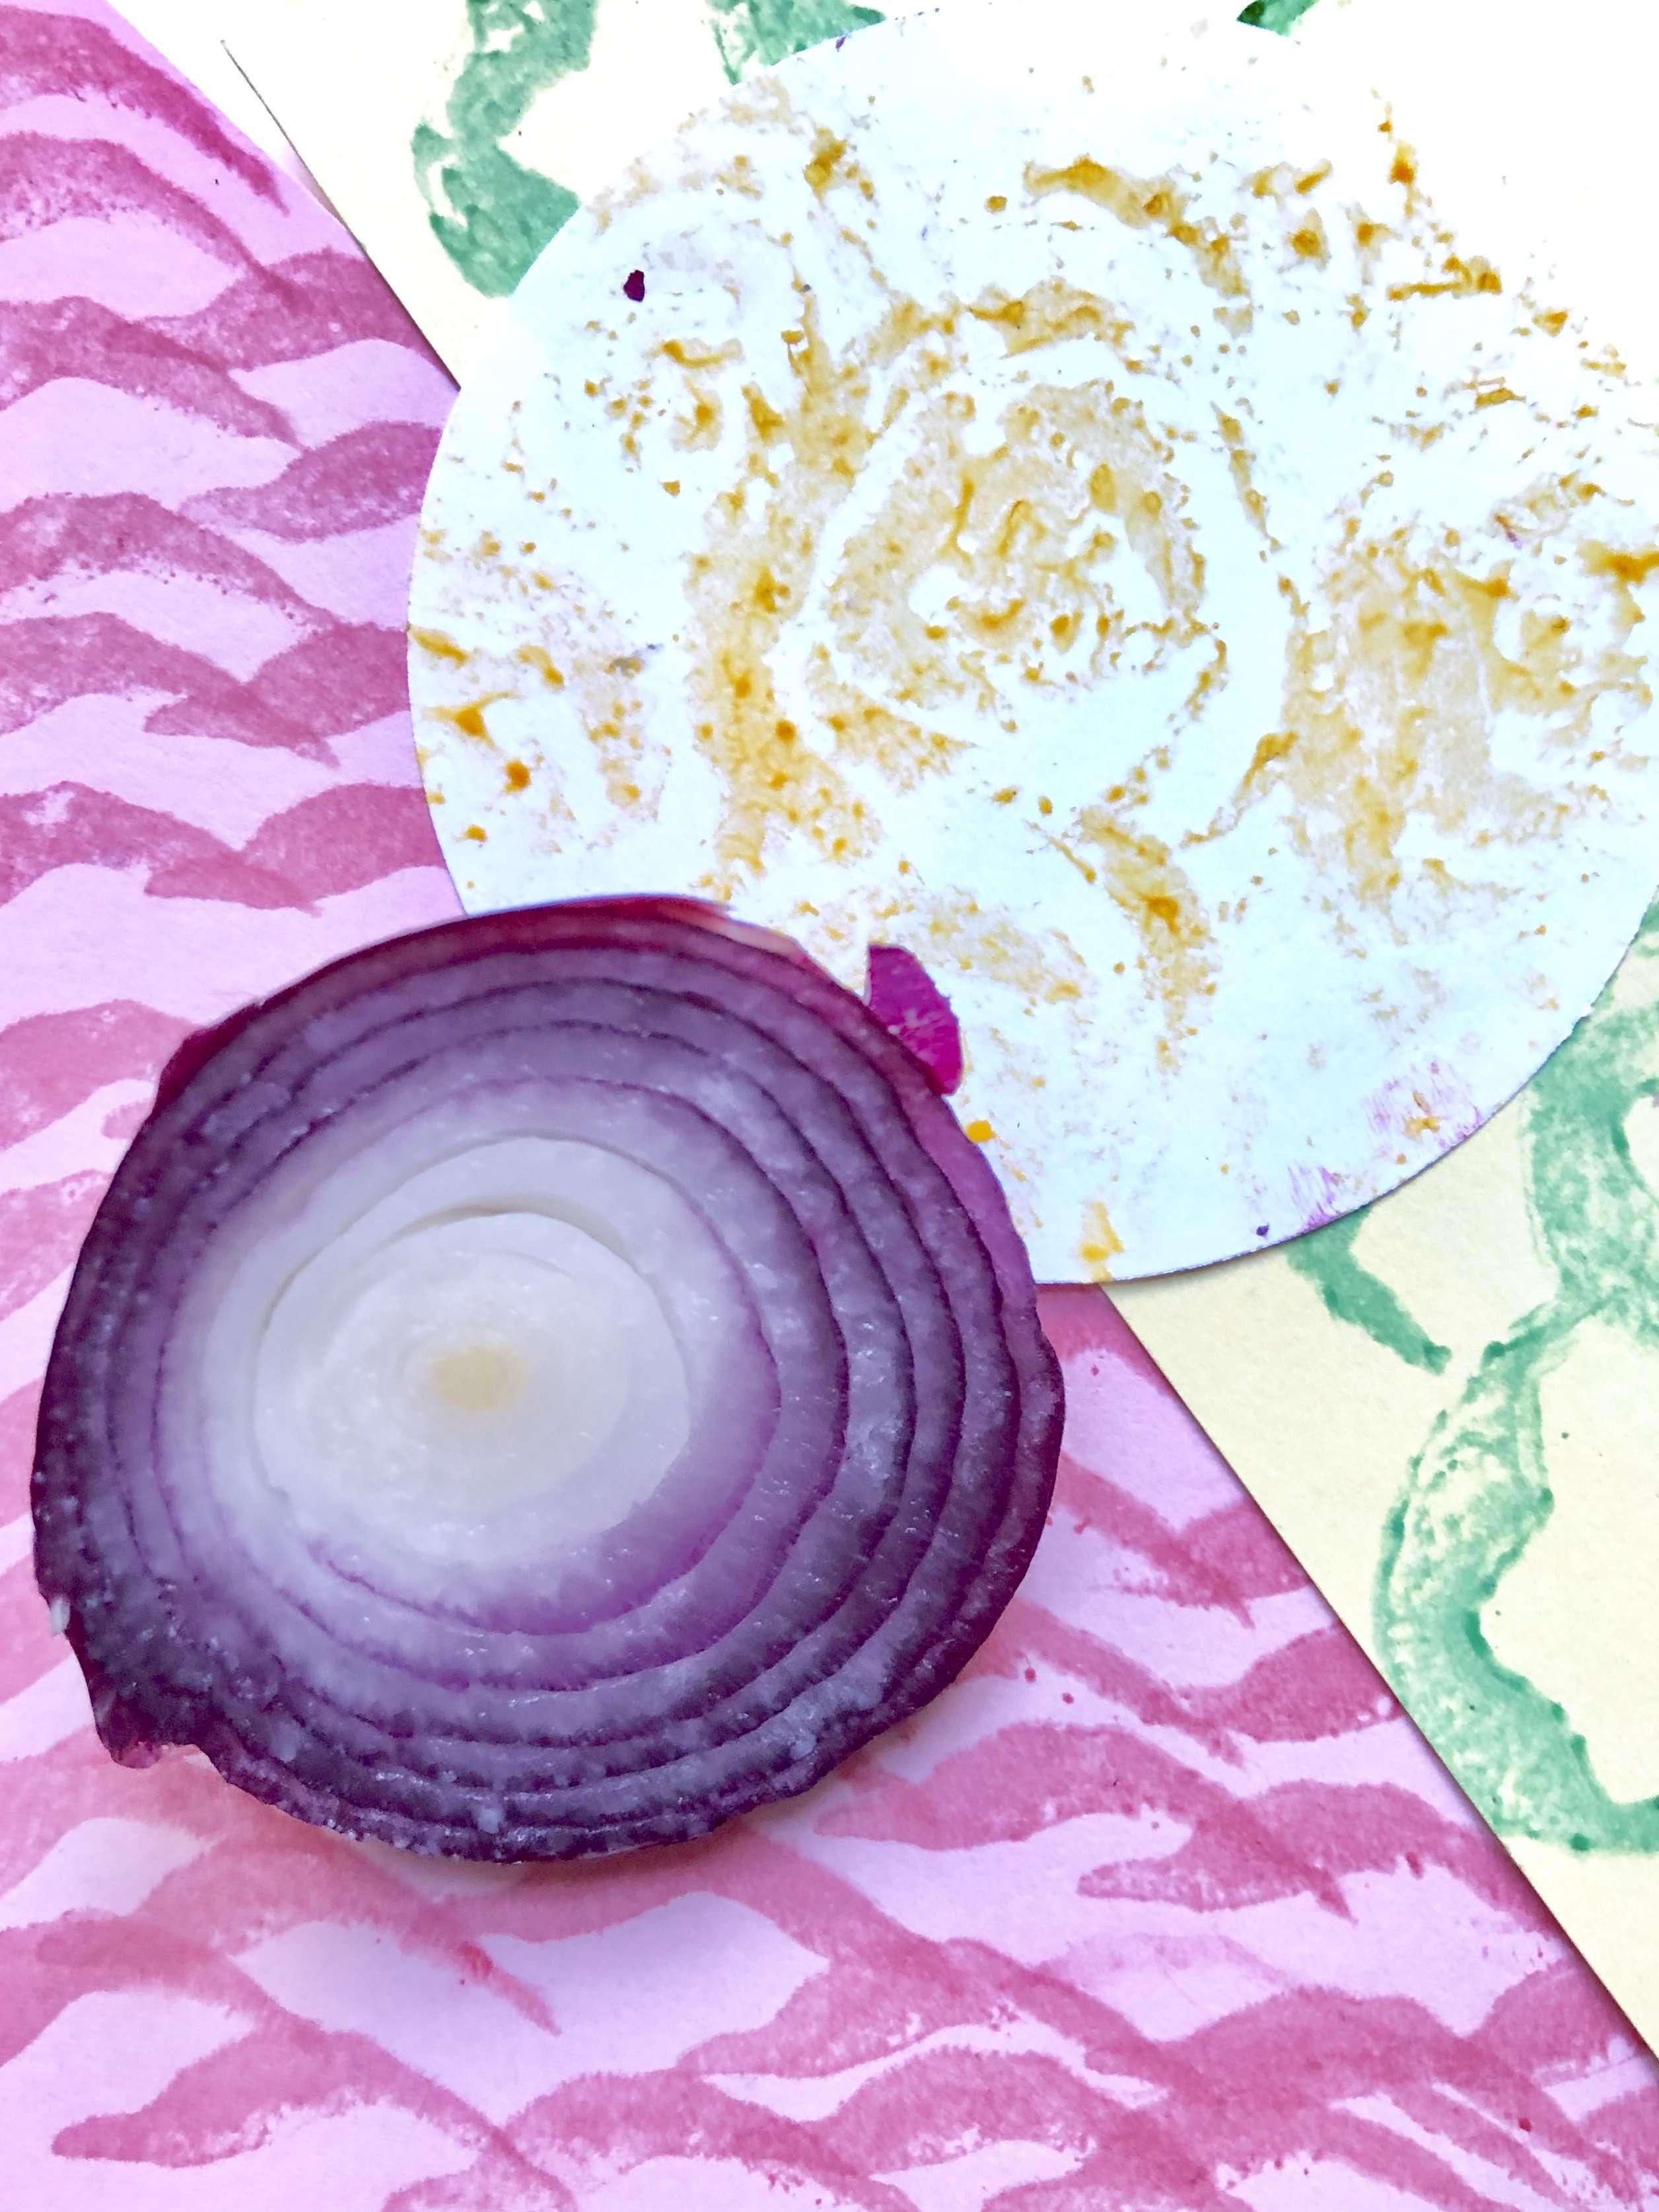 Laboratorio per bambini: Rose nell'insalata - #FAB90 - Scuola Materna Peschiera Borromeo